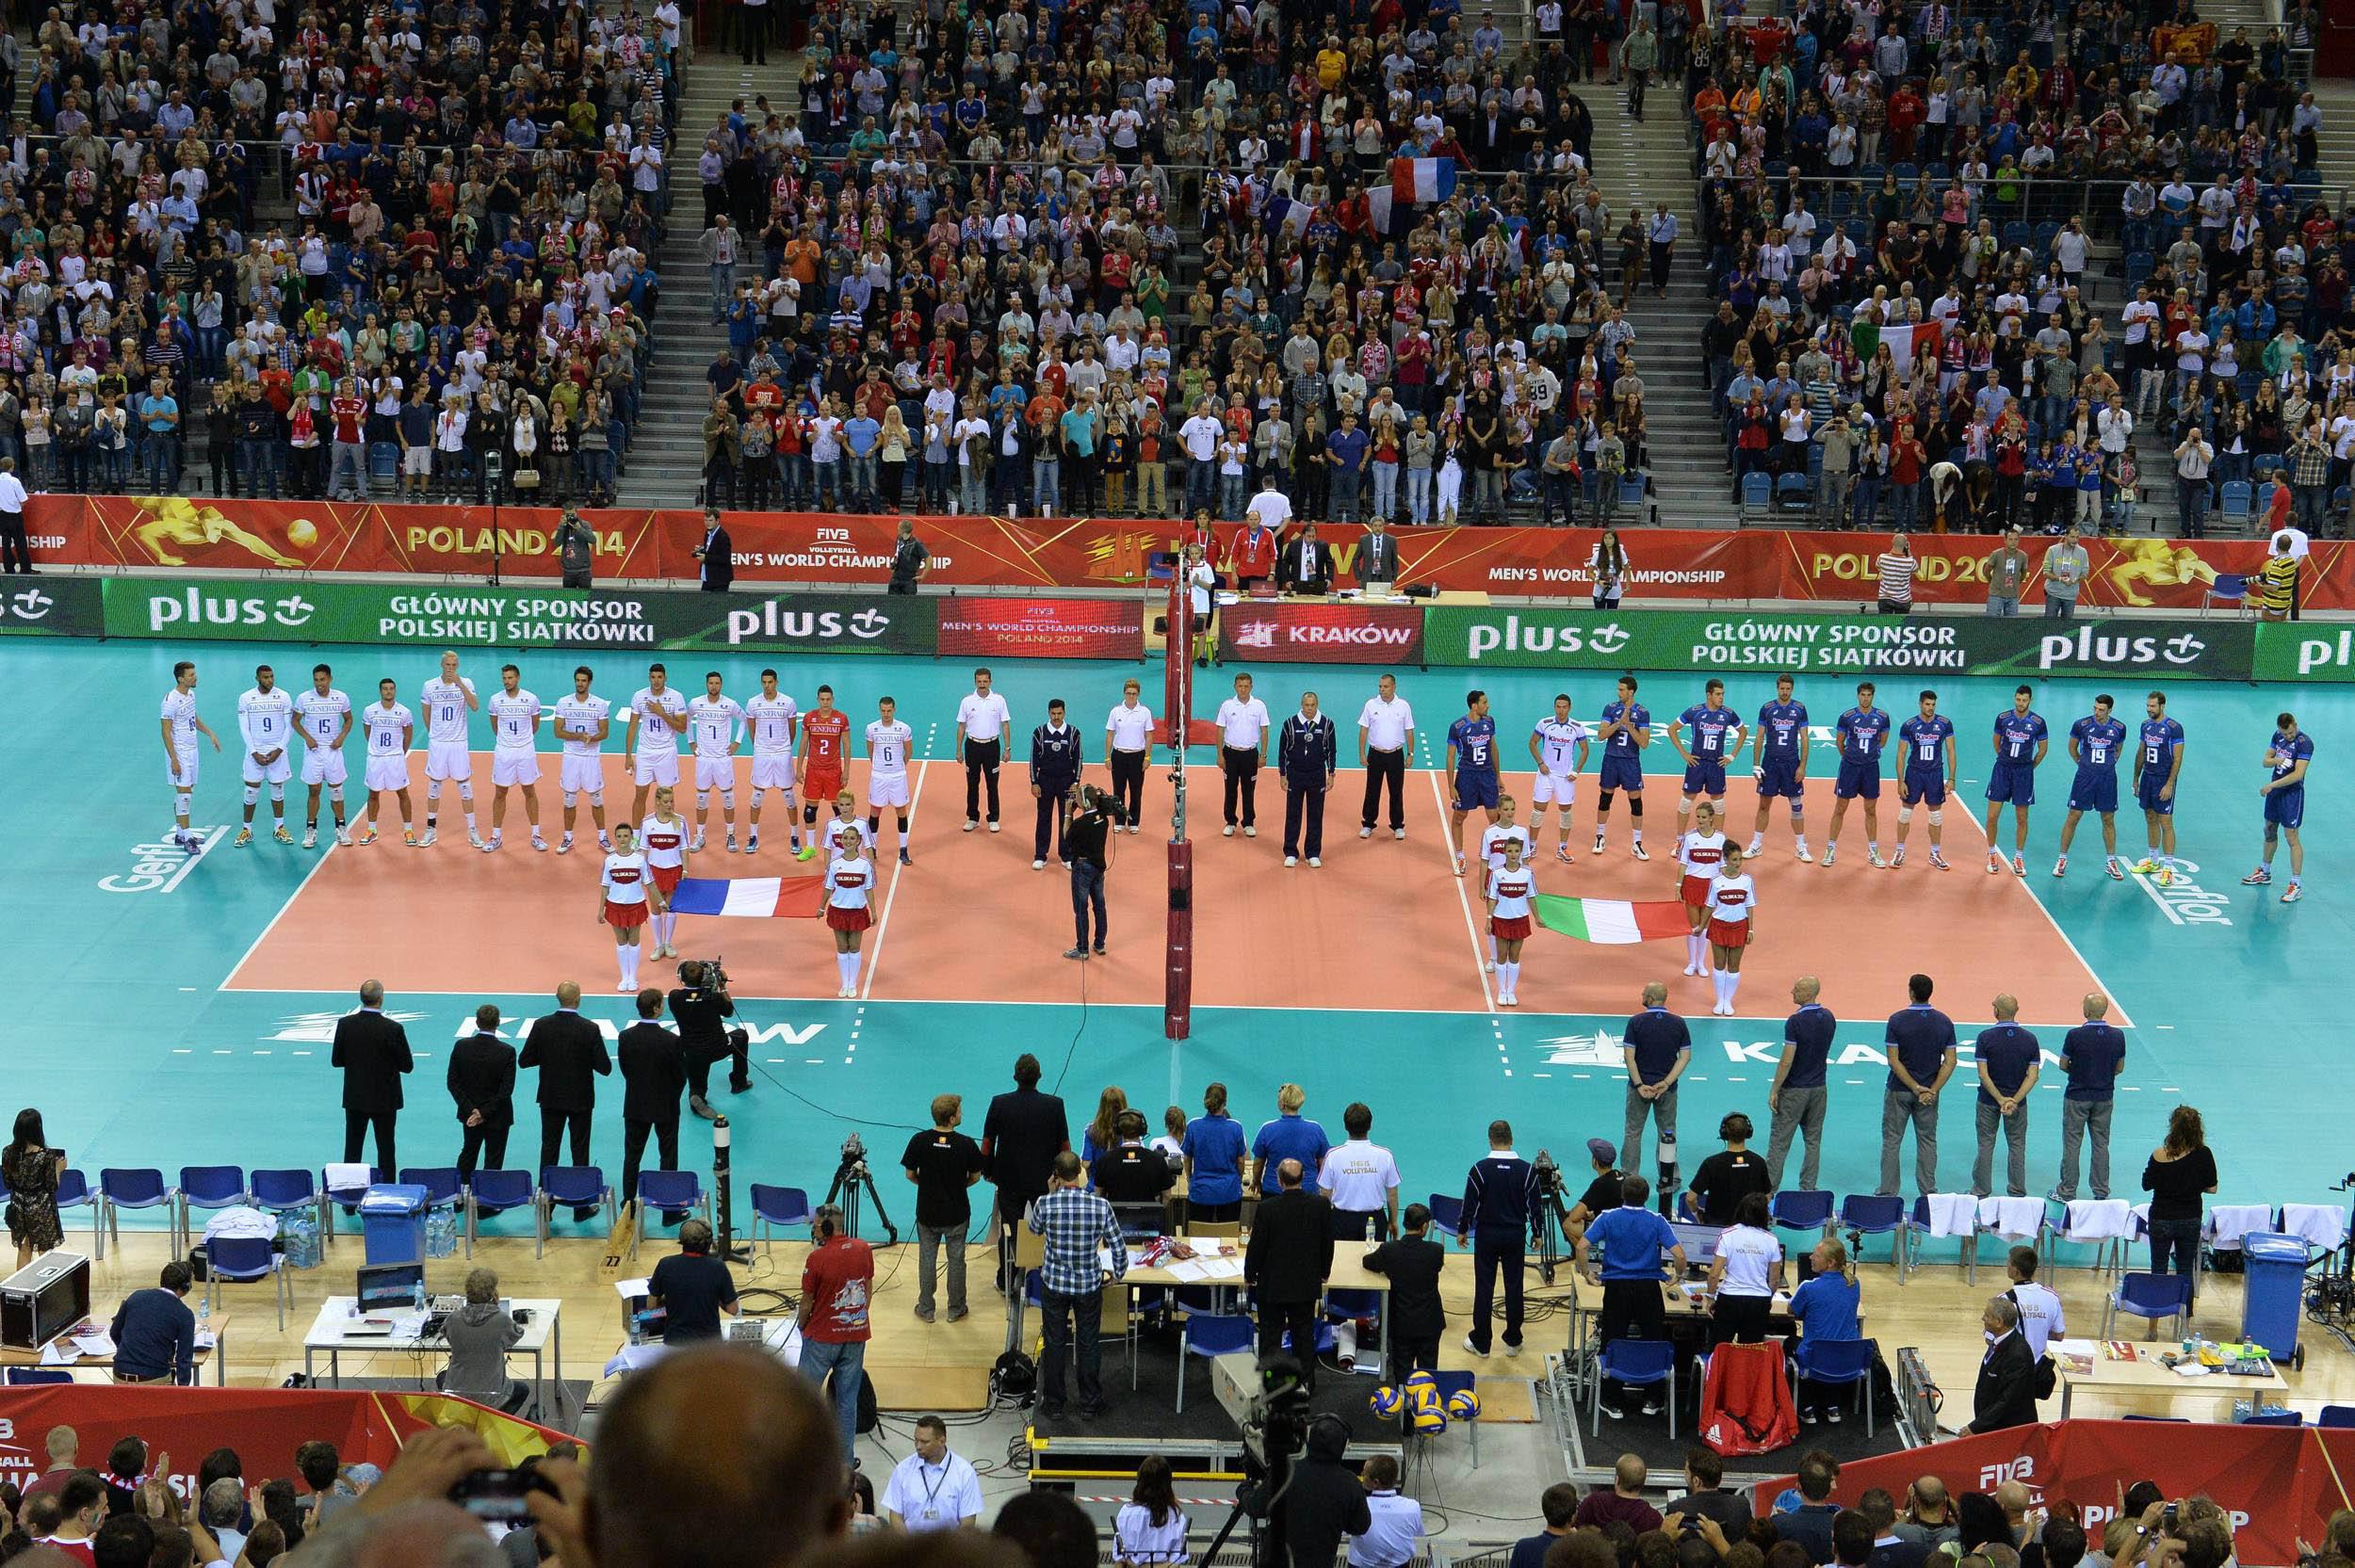 هواداران والیبال عکس والیبال قهرمانی جهان عکس هواداران ایرانی تماشاگران والیبال ایران